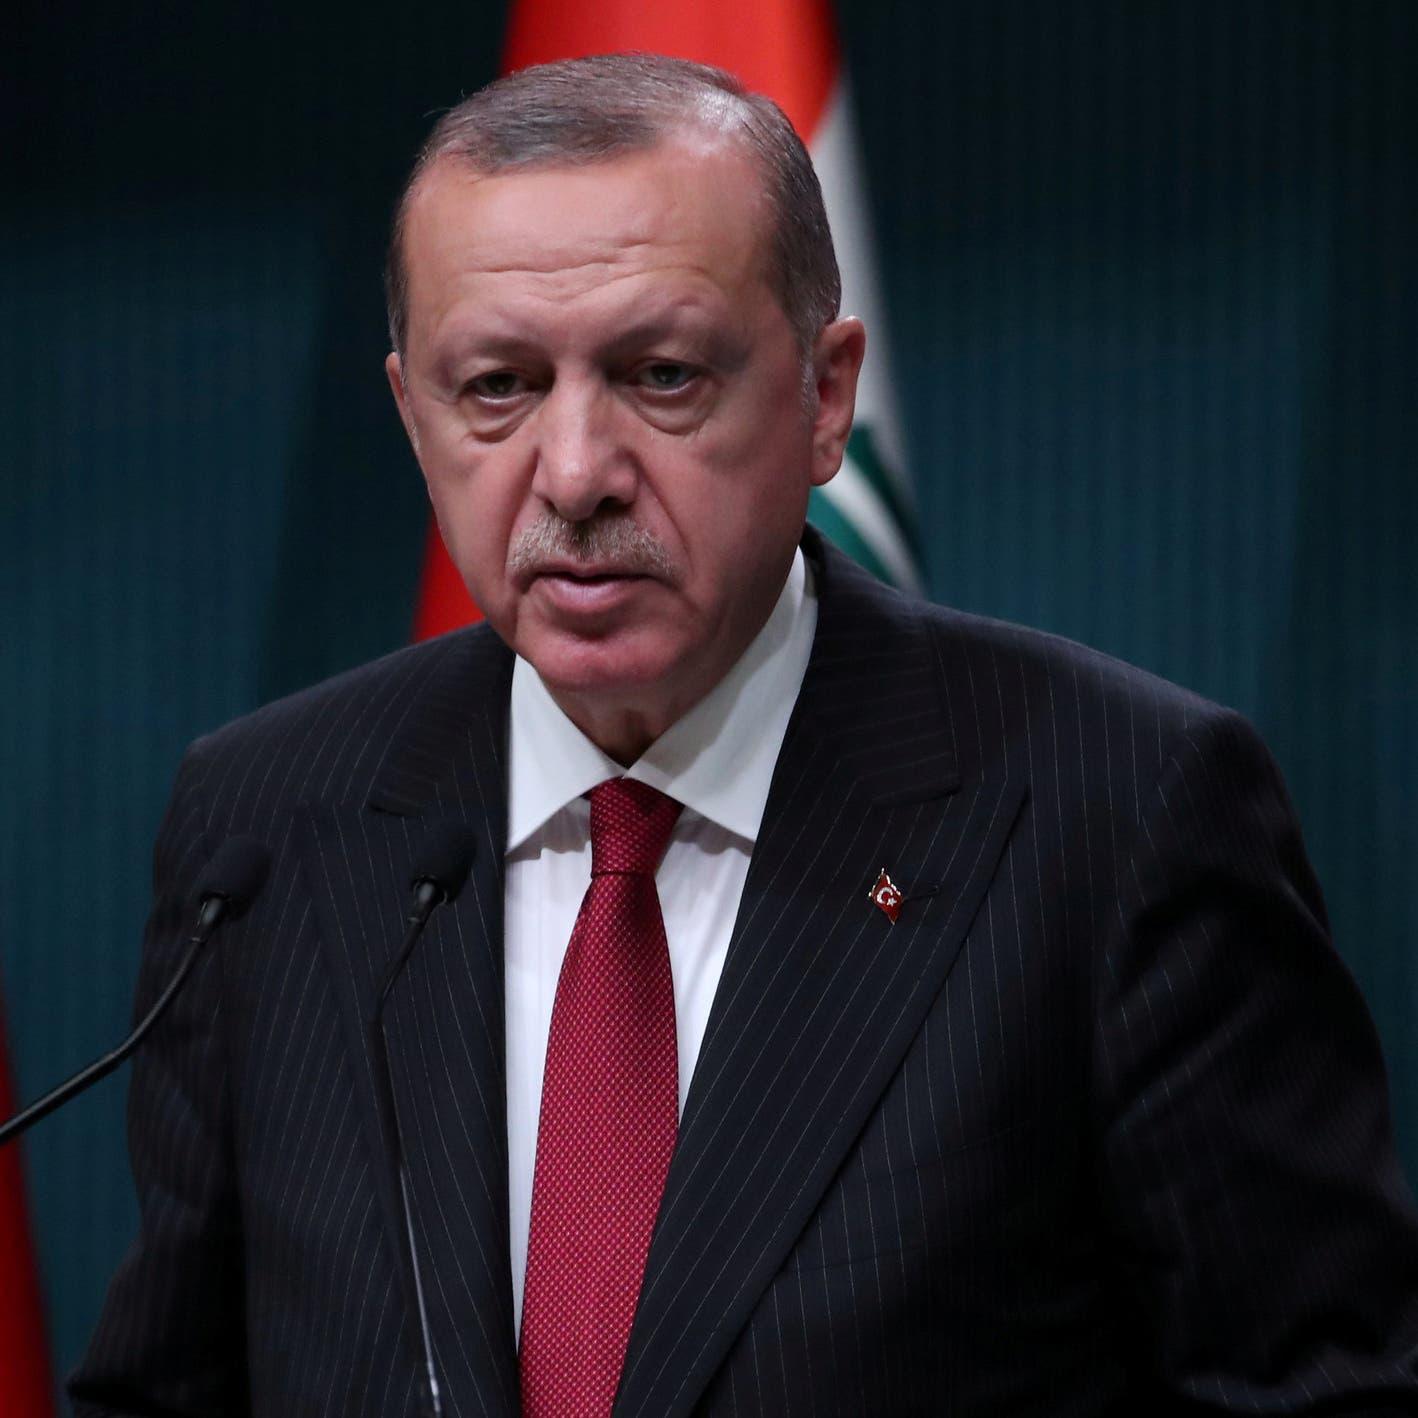 أردوغان: تركيا ستقدم الثلاثاء تقريرا كاملا بقضية خاشقجي